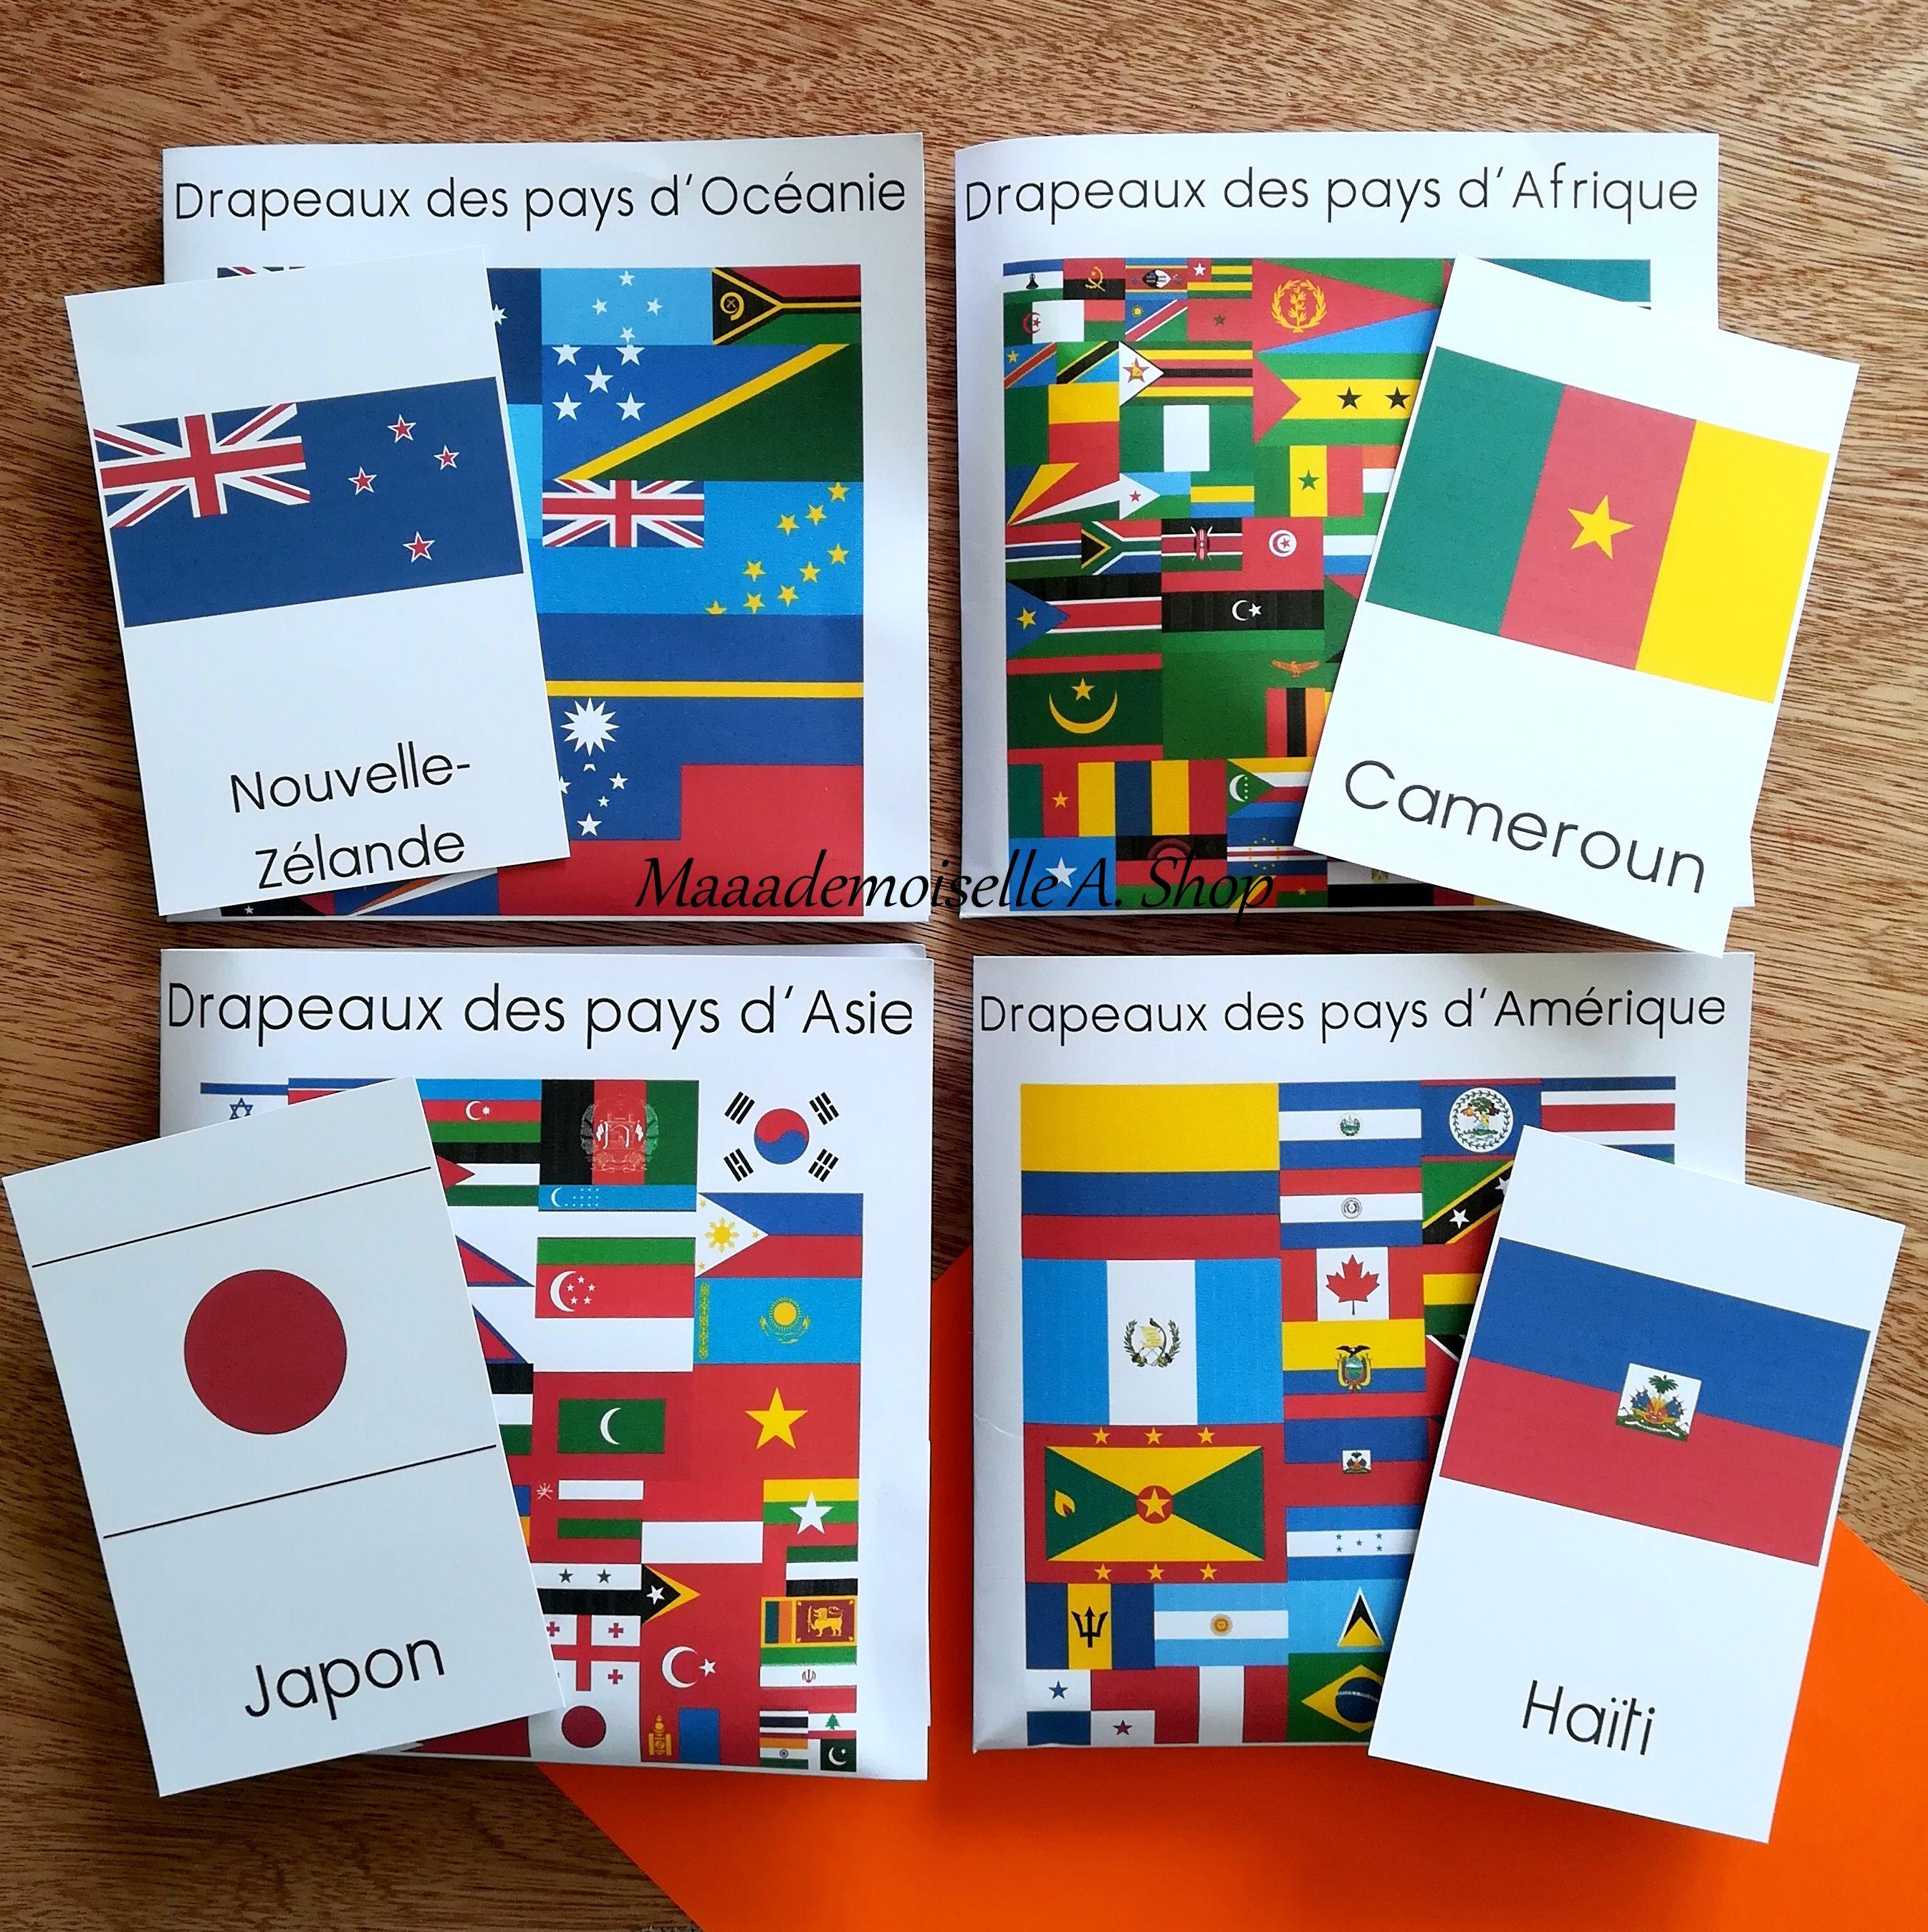 Cartes De Nomenclature Drapeaux Des Pays D Oceanie D Afrique D Asie Et D Amerique Carte Afrique Drapeau Pays Pays Afrique